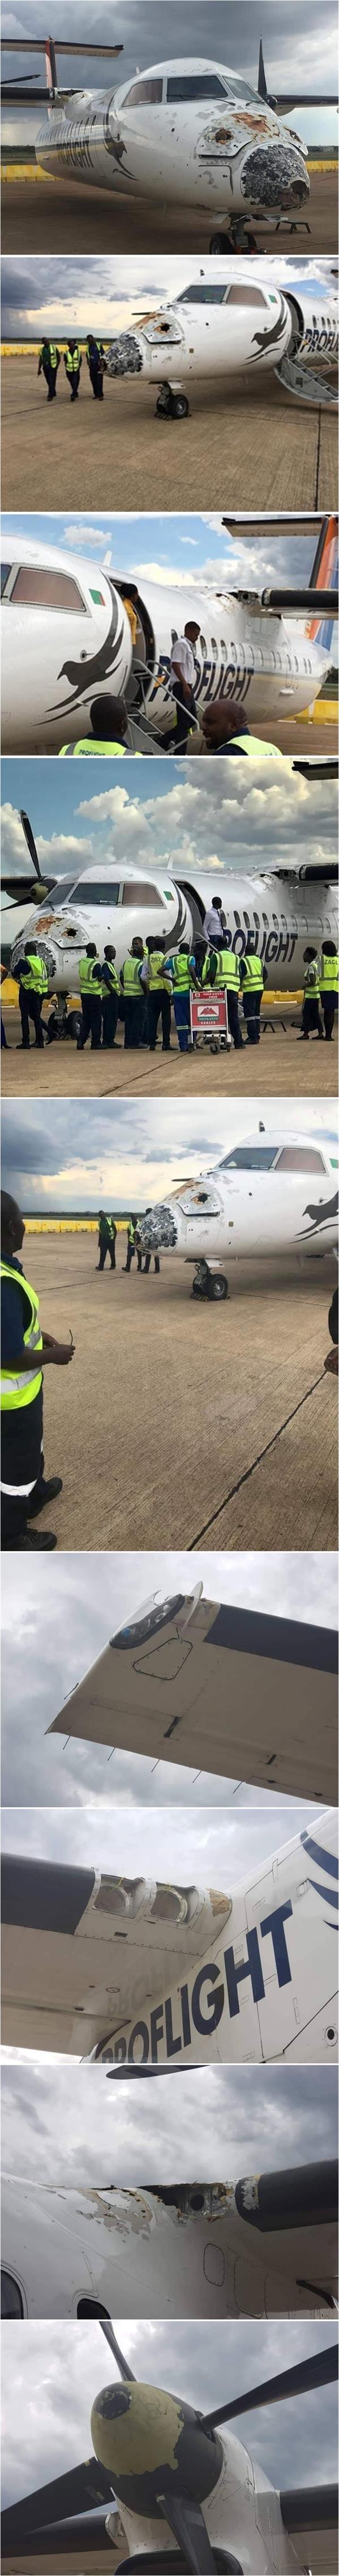 صور الطائرة